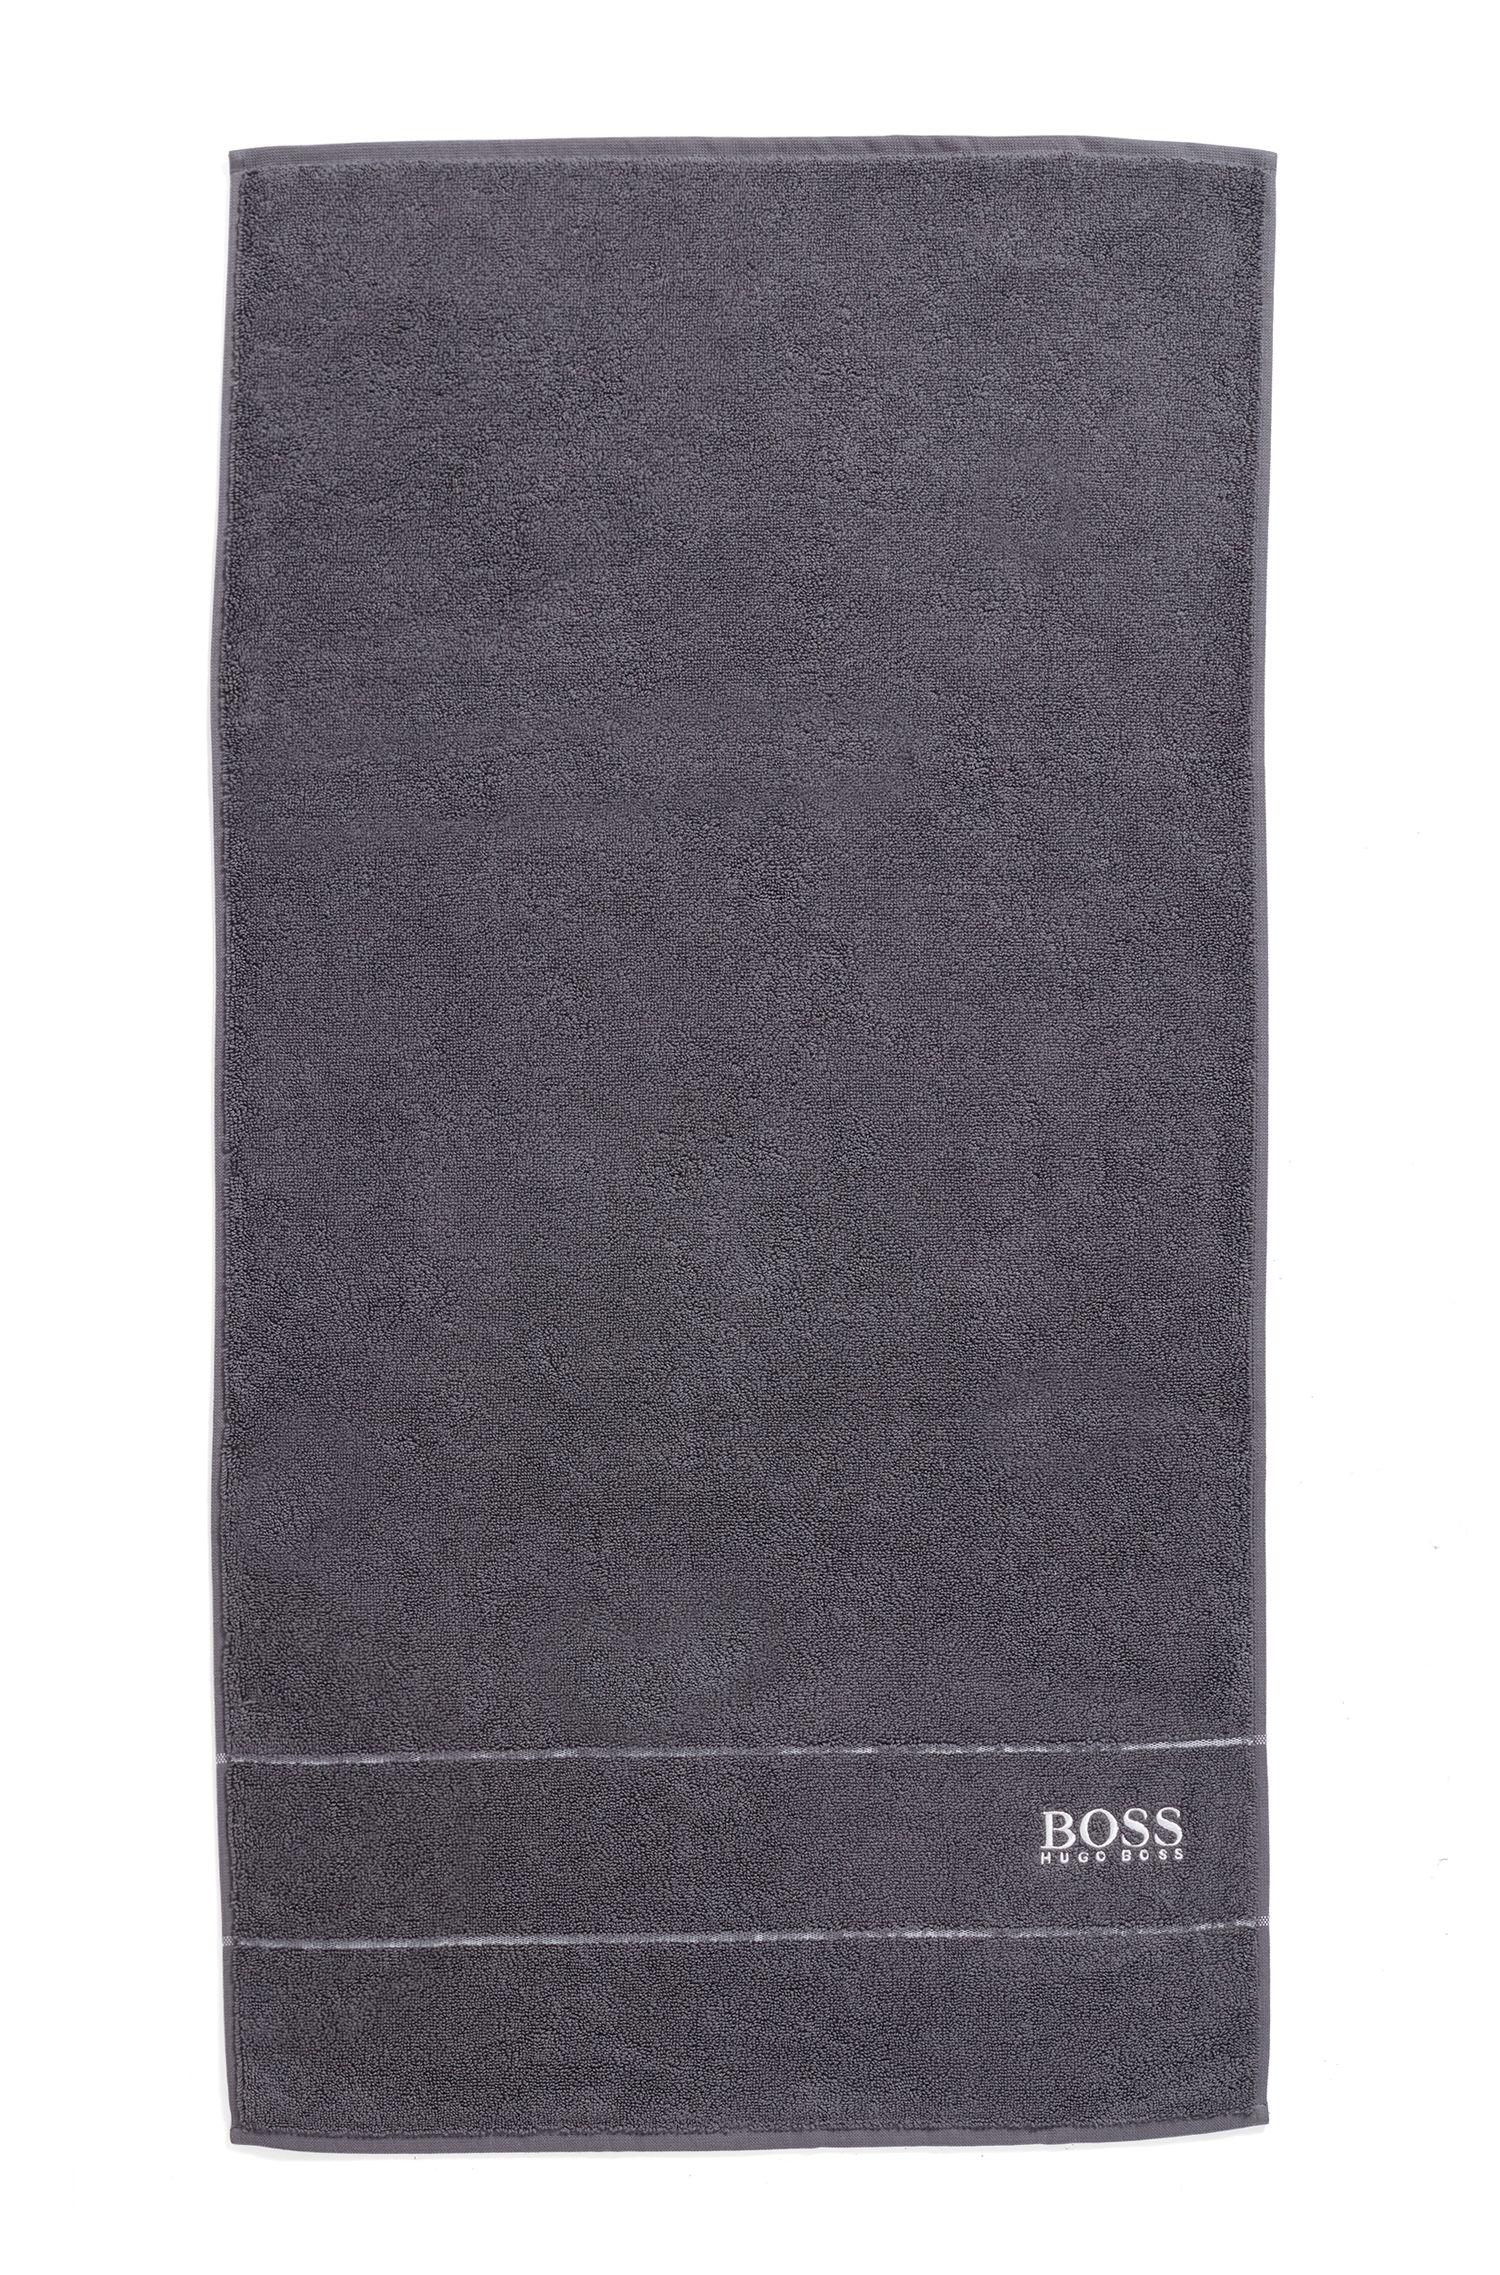 Handtuch aus feinster ägyptischer Baumwolle mit Logo-Bordüre, Anthrazit